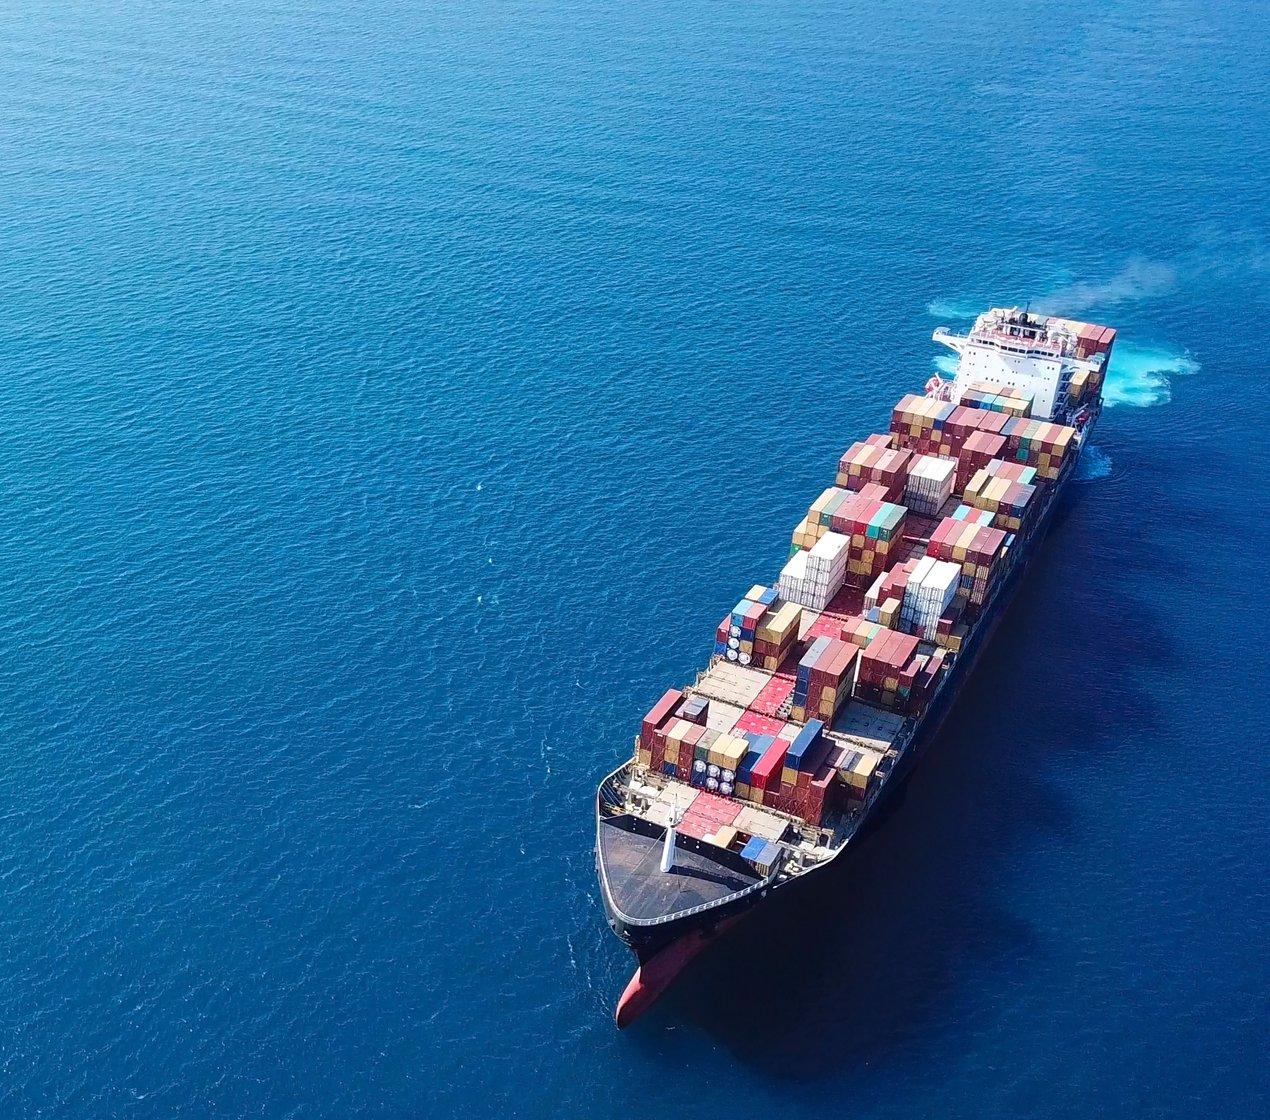 oti cargo ship blog 7.29.21.jpg